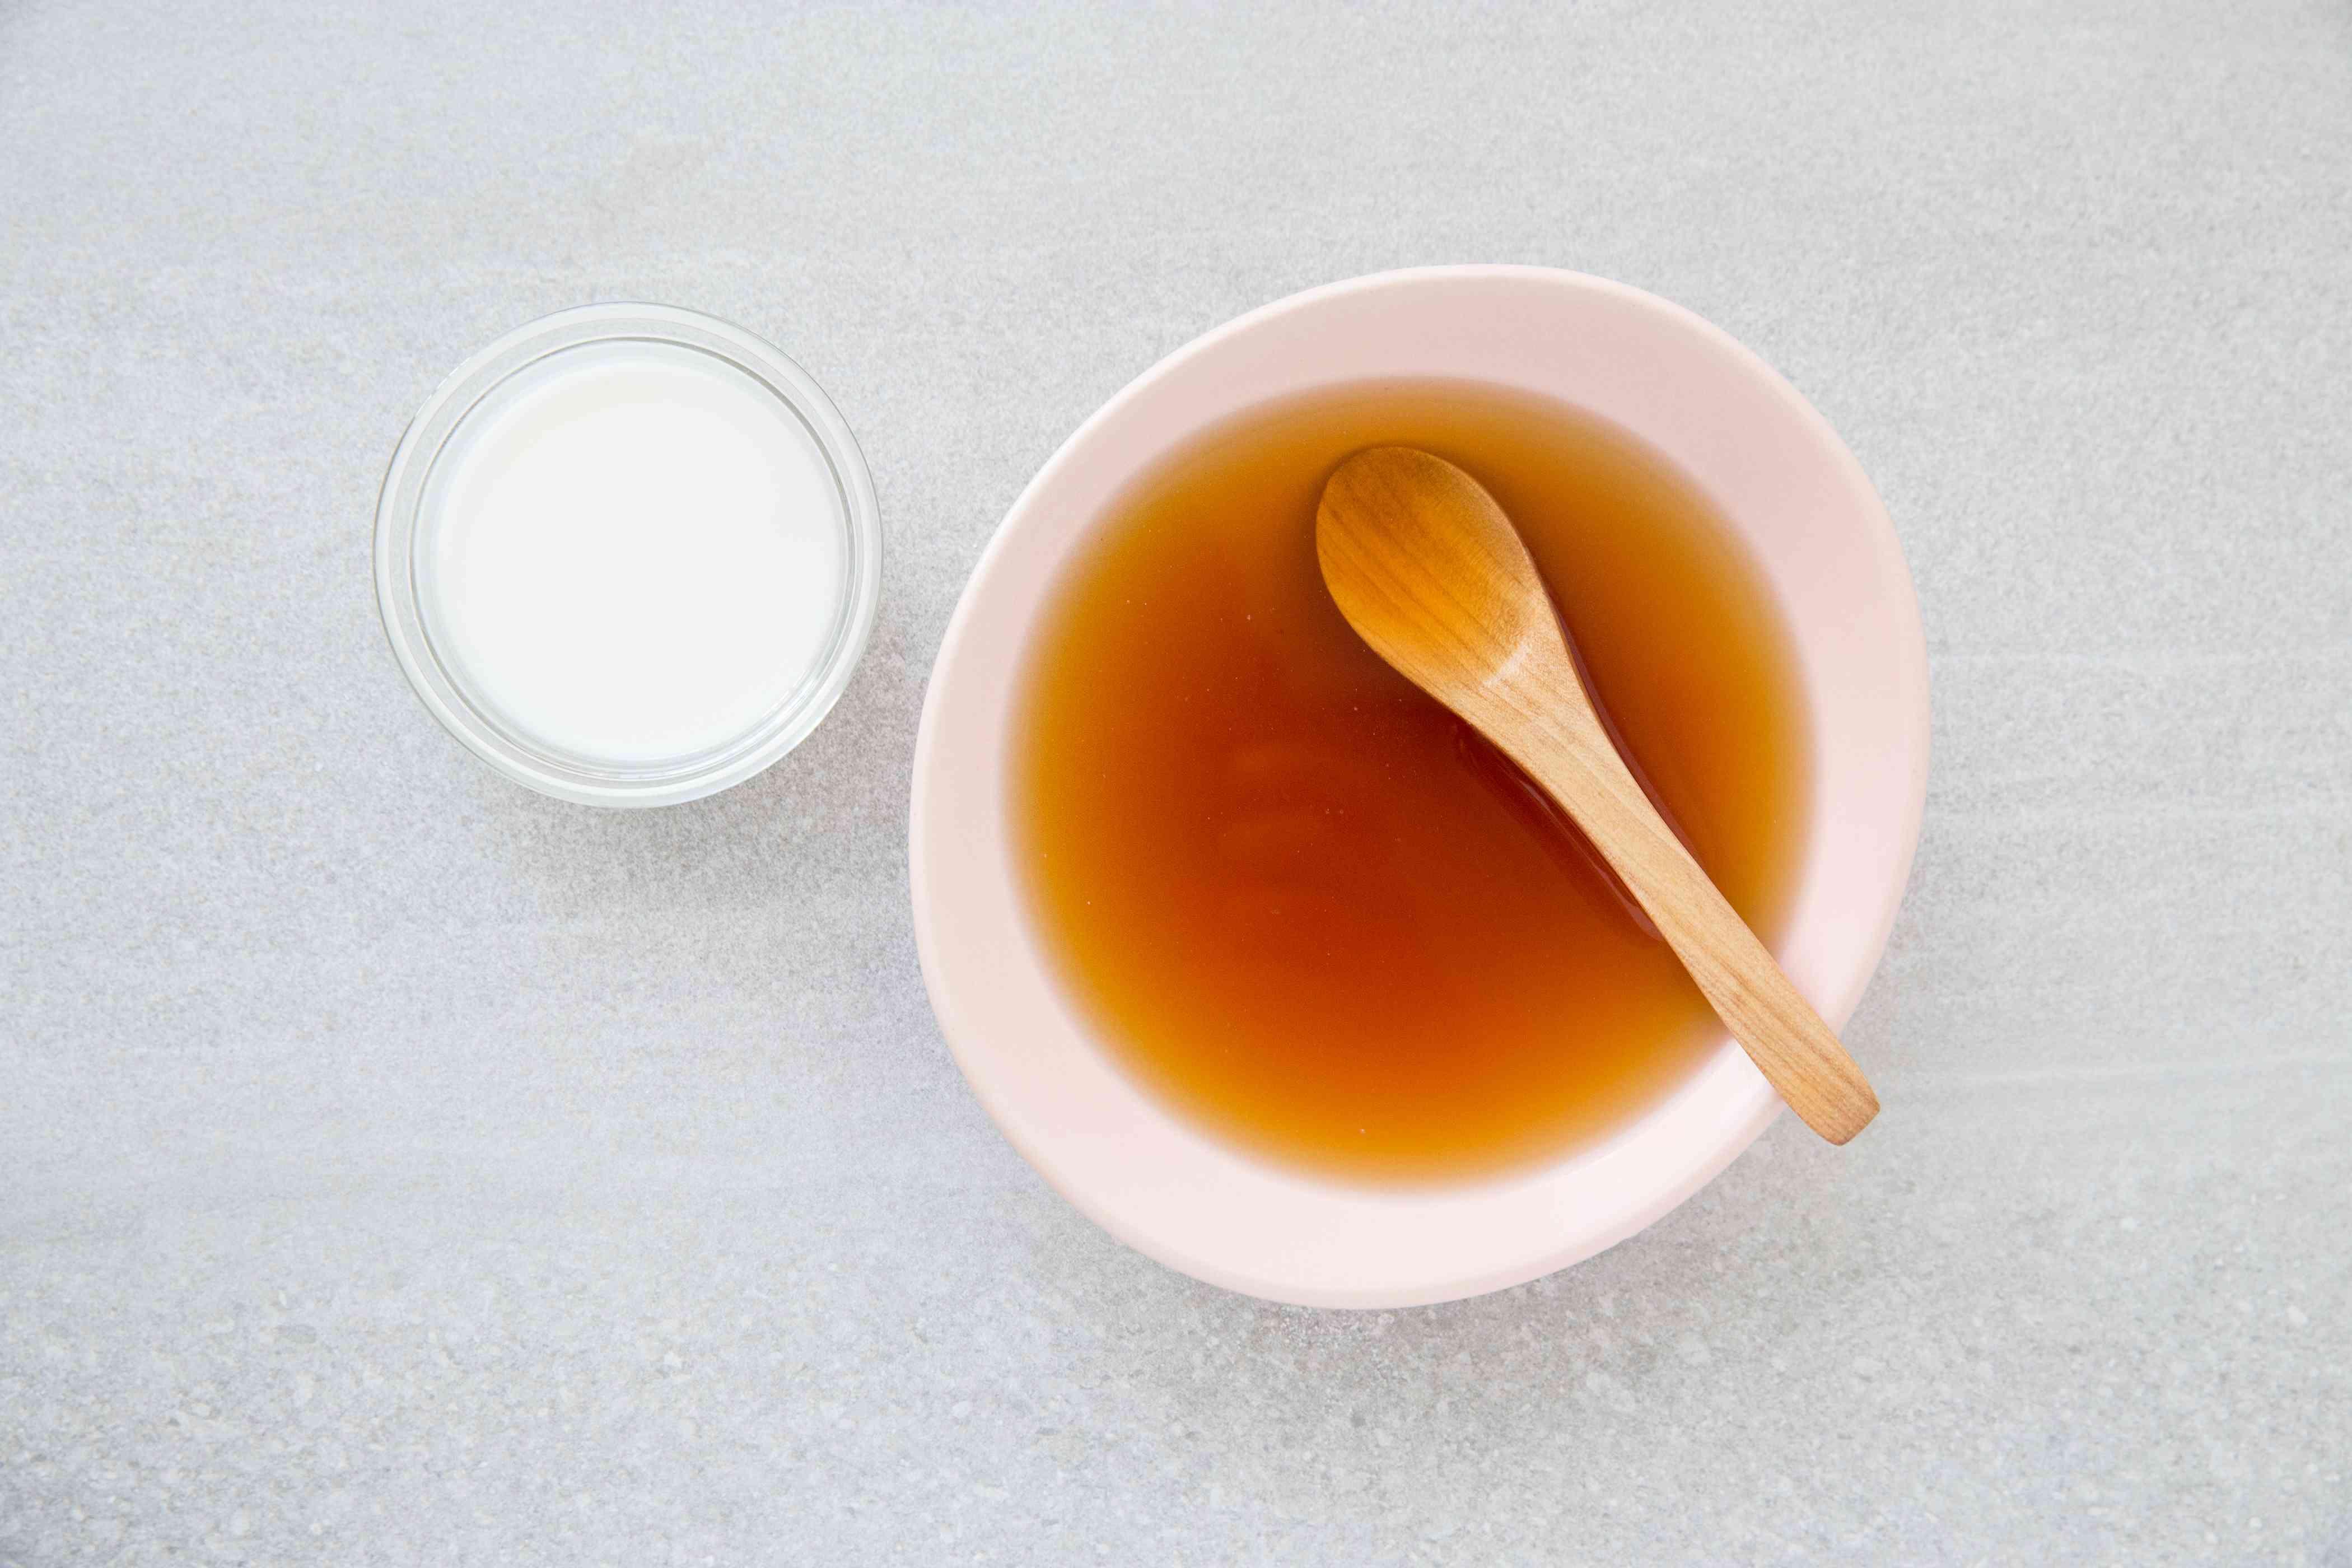 combine the sauce ingredients, cornstarch mixture in a bowl